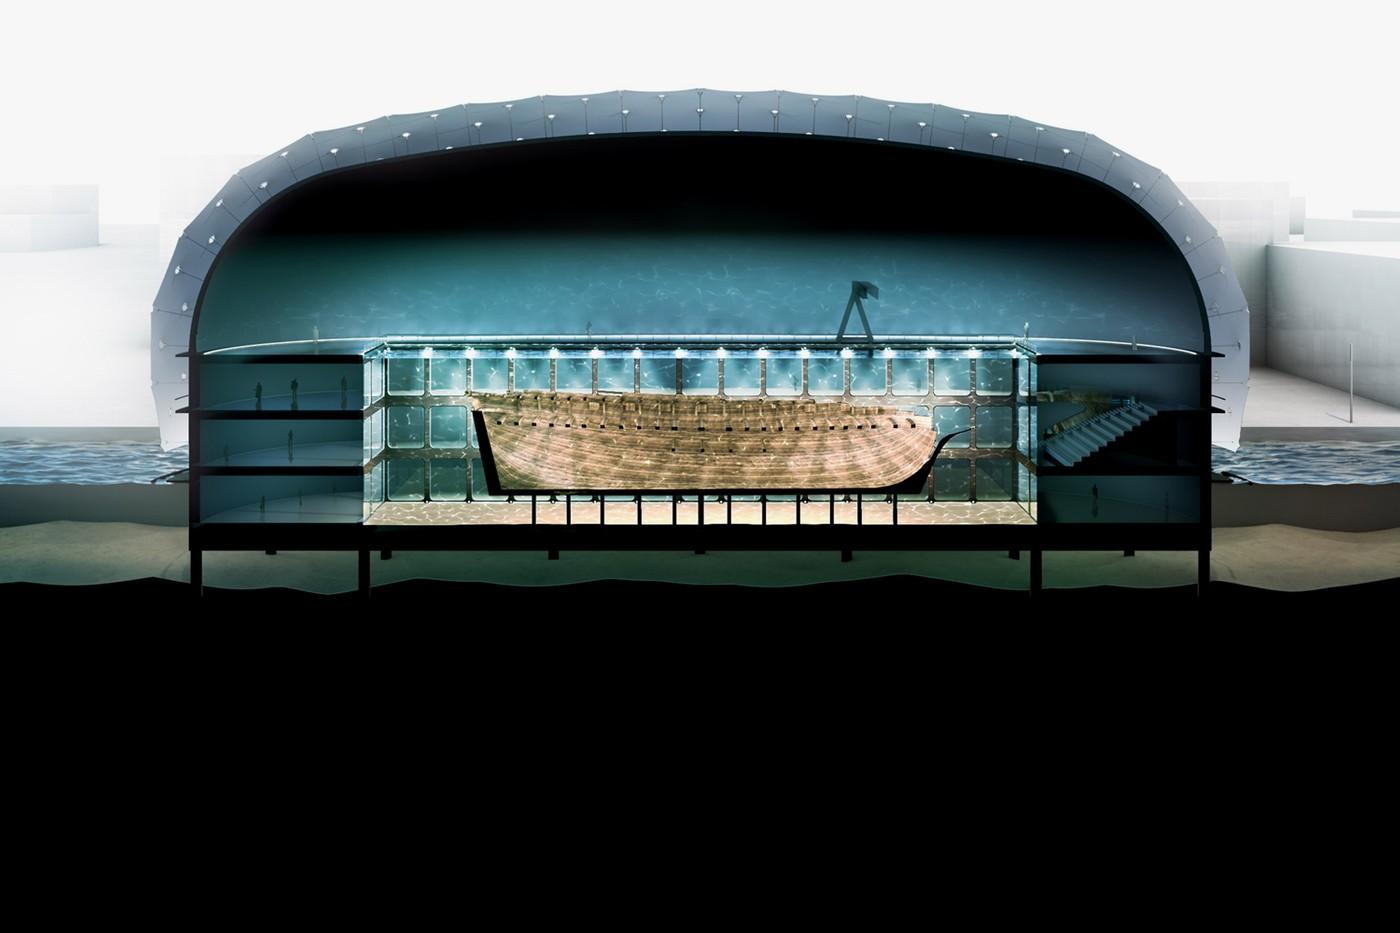 Holanda pritet të ndërtojë muzeun më të pazakontë nënujor